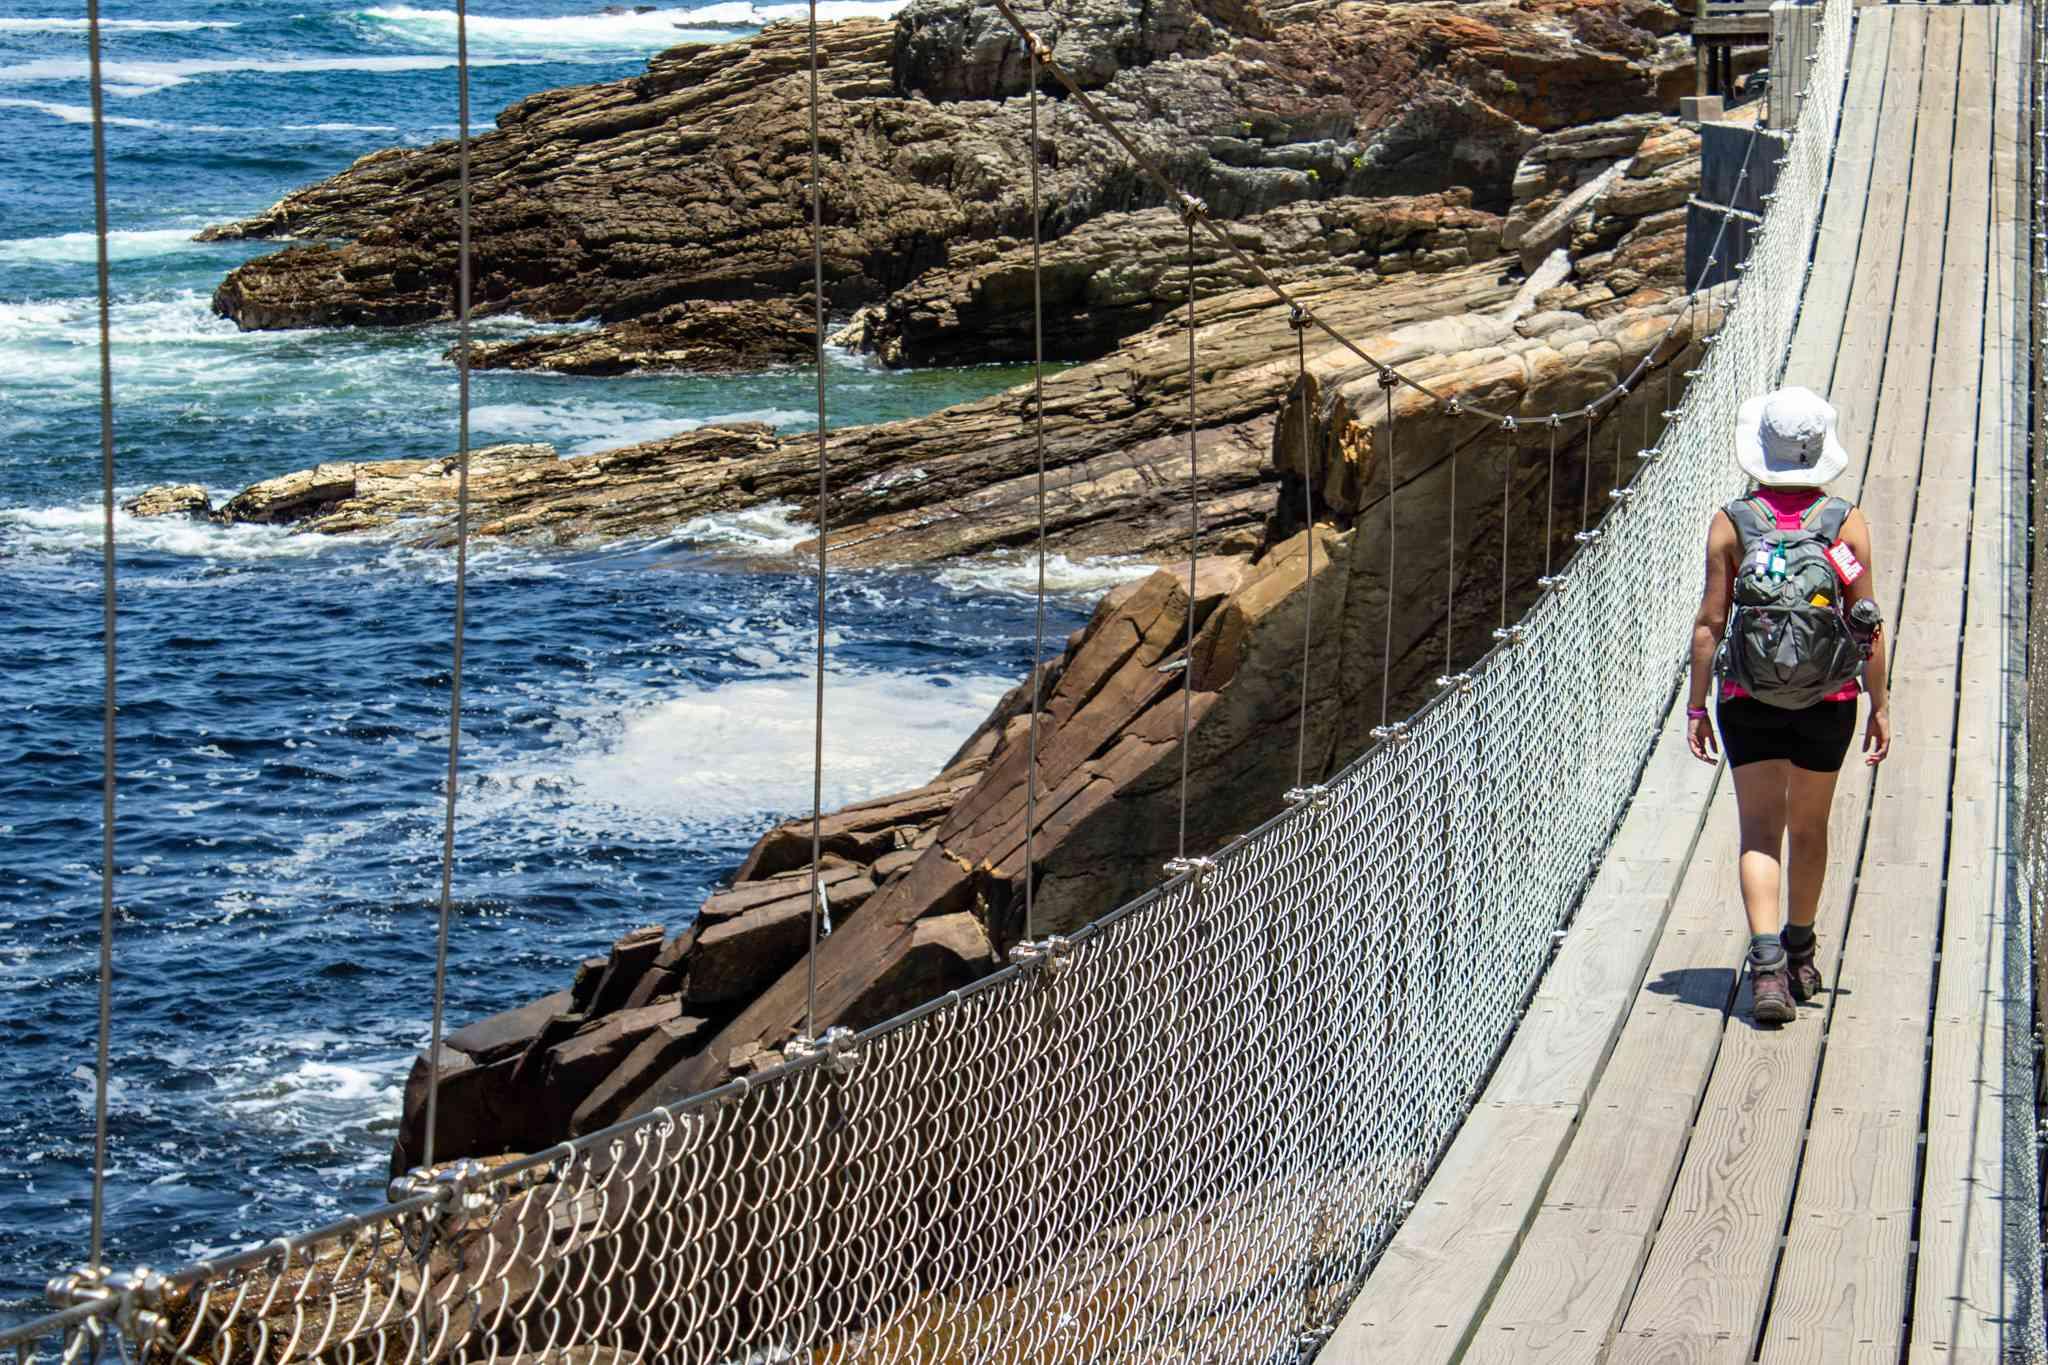 girl walks across suspension bridge with blue water to her left